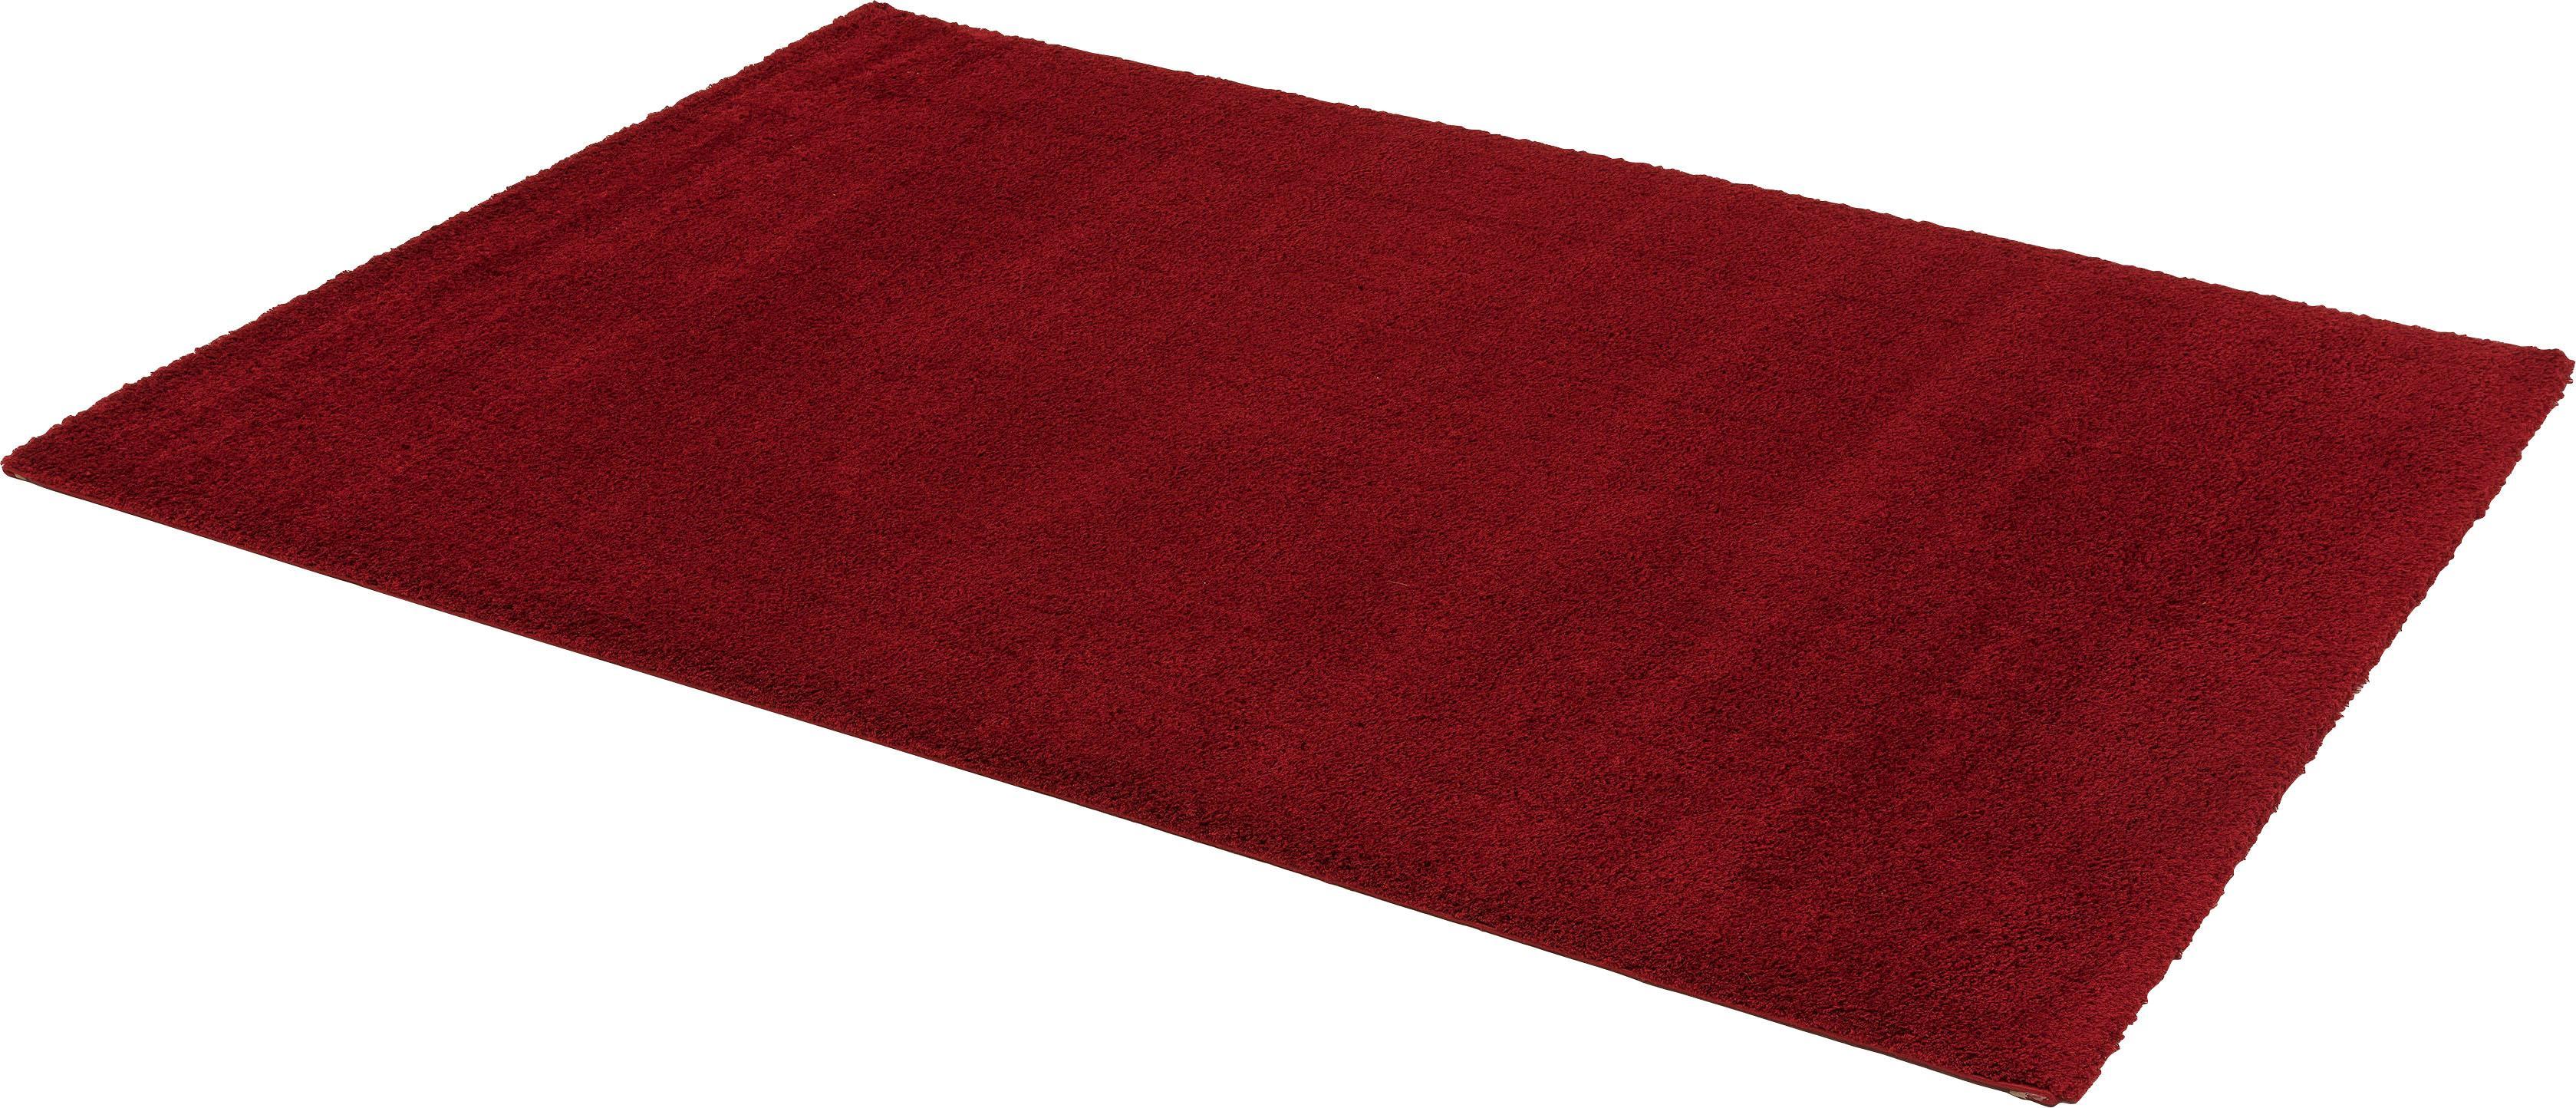 Hochflor-Teppich Rivoli ASTRA rechteckig Höhe 30 mm maschinell gewebt